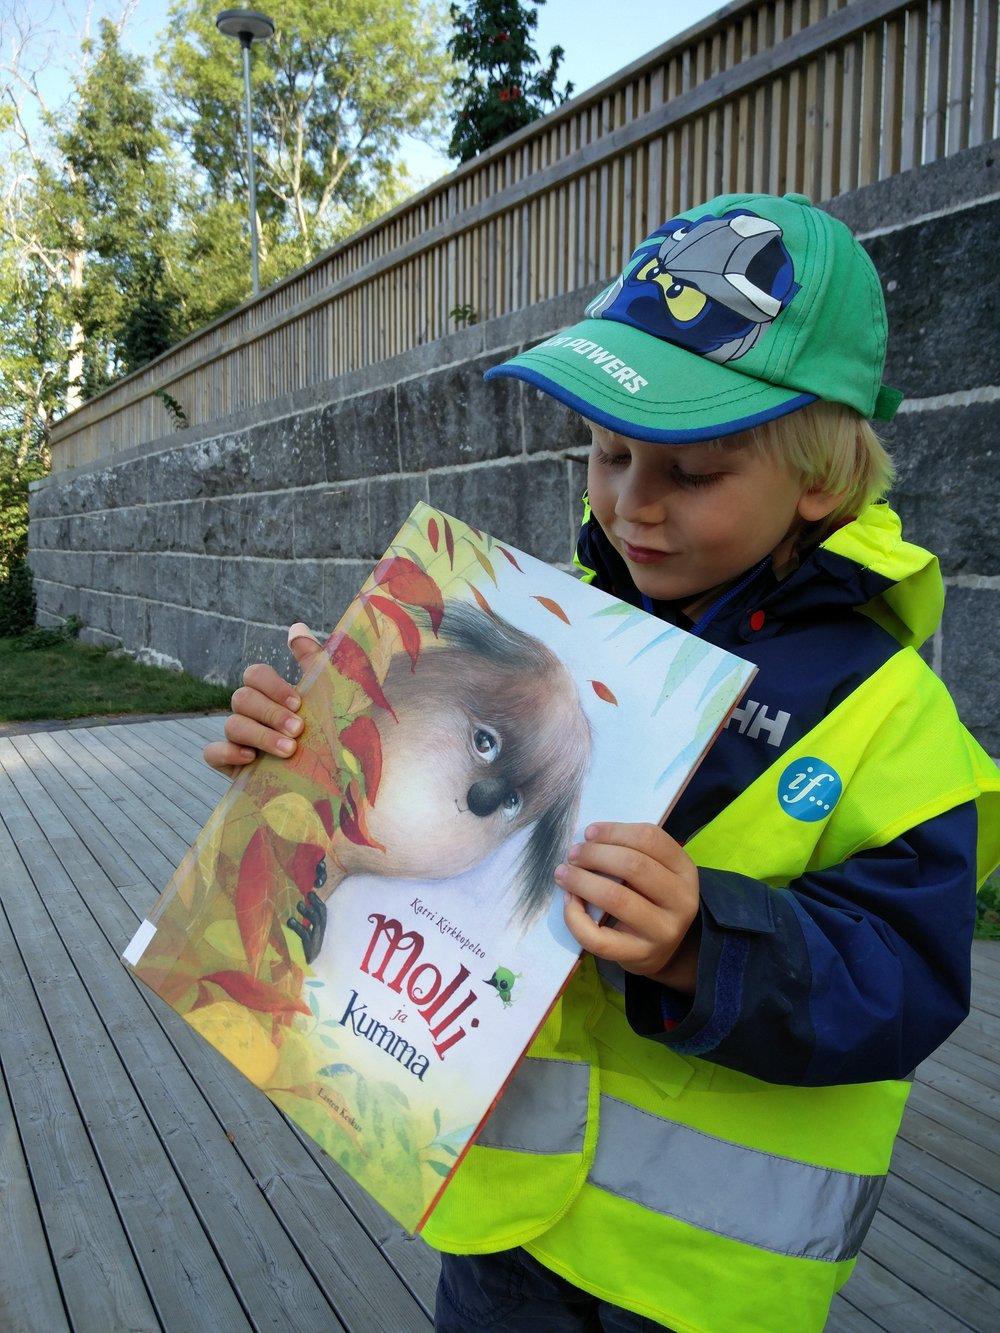 Hulinat olivat lainanneet kirjastosta kirjoja, ja mekin saimme niitä luettavaksi. Molli-kirjan meille luki Anu. Tämä oli ihana!